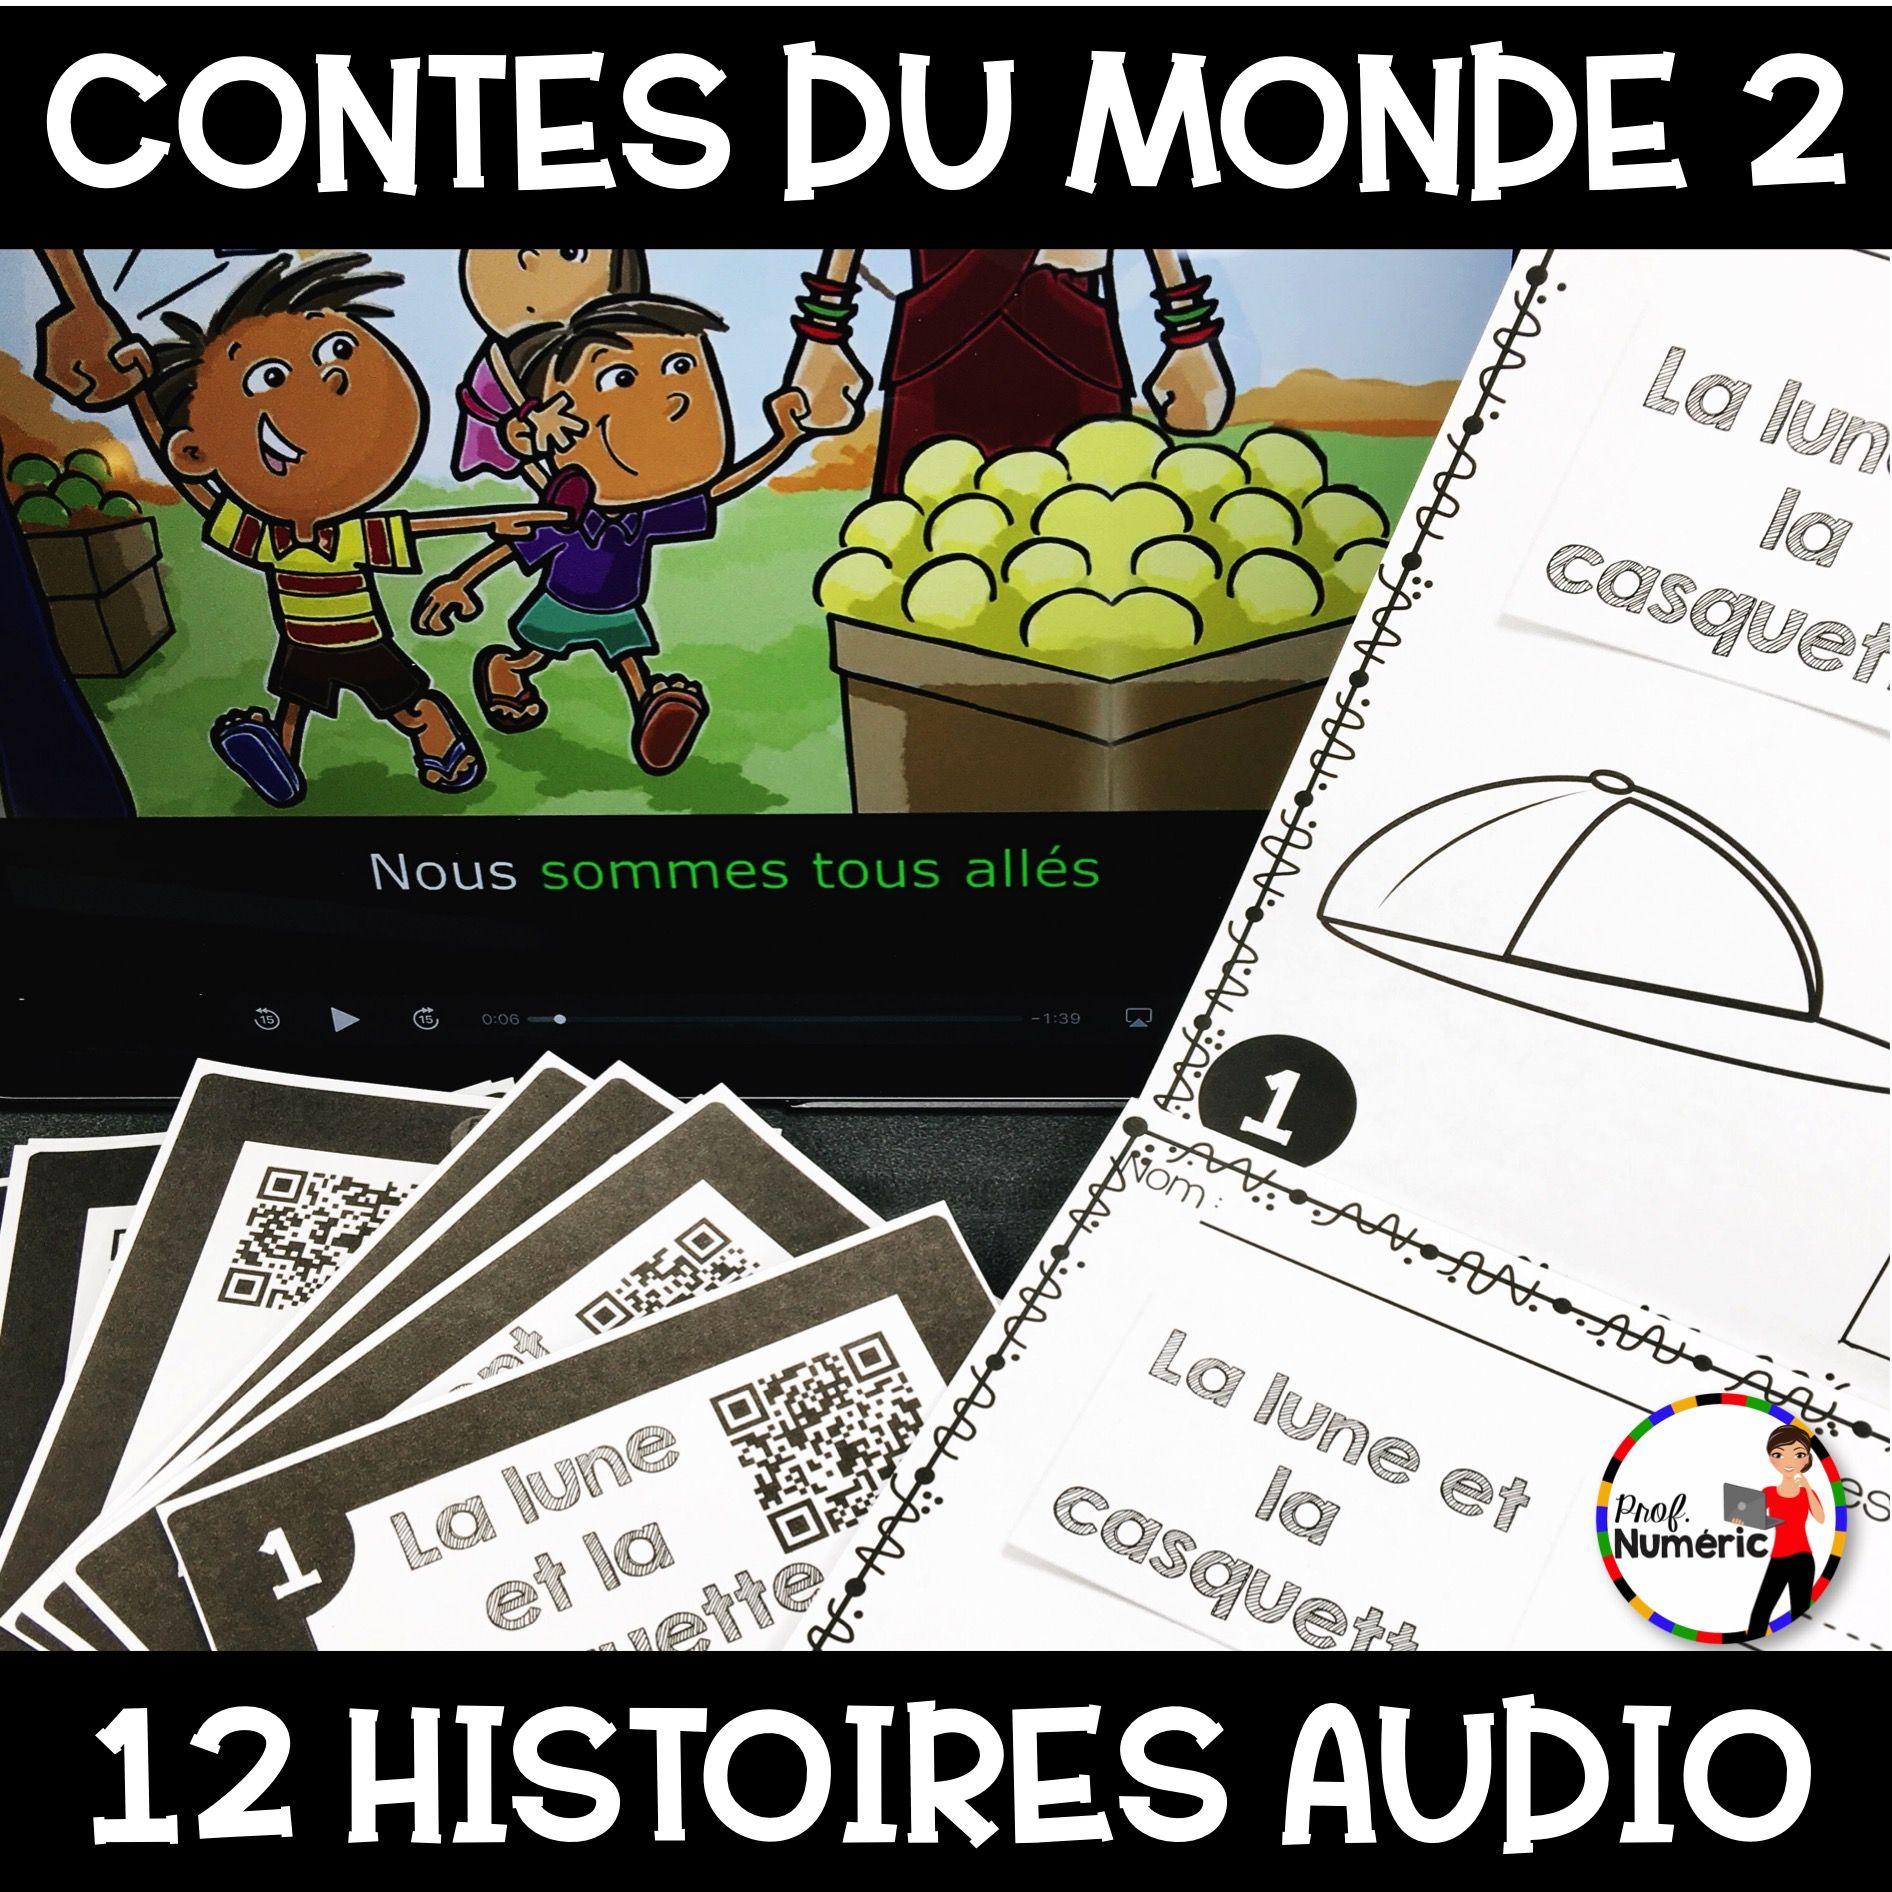 Contes du monde 2 (12 Histoires AUDIO + Tâches écrites)